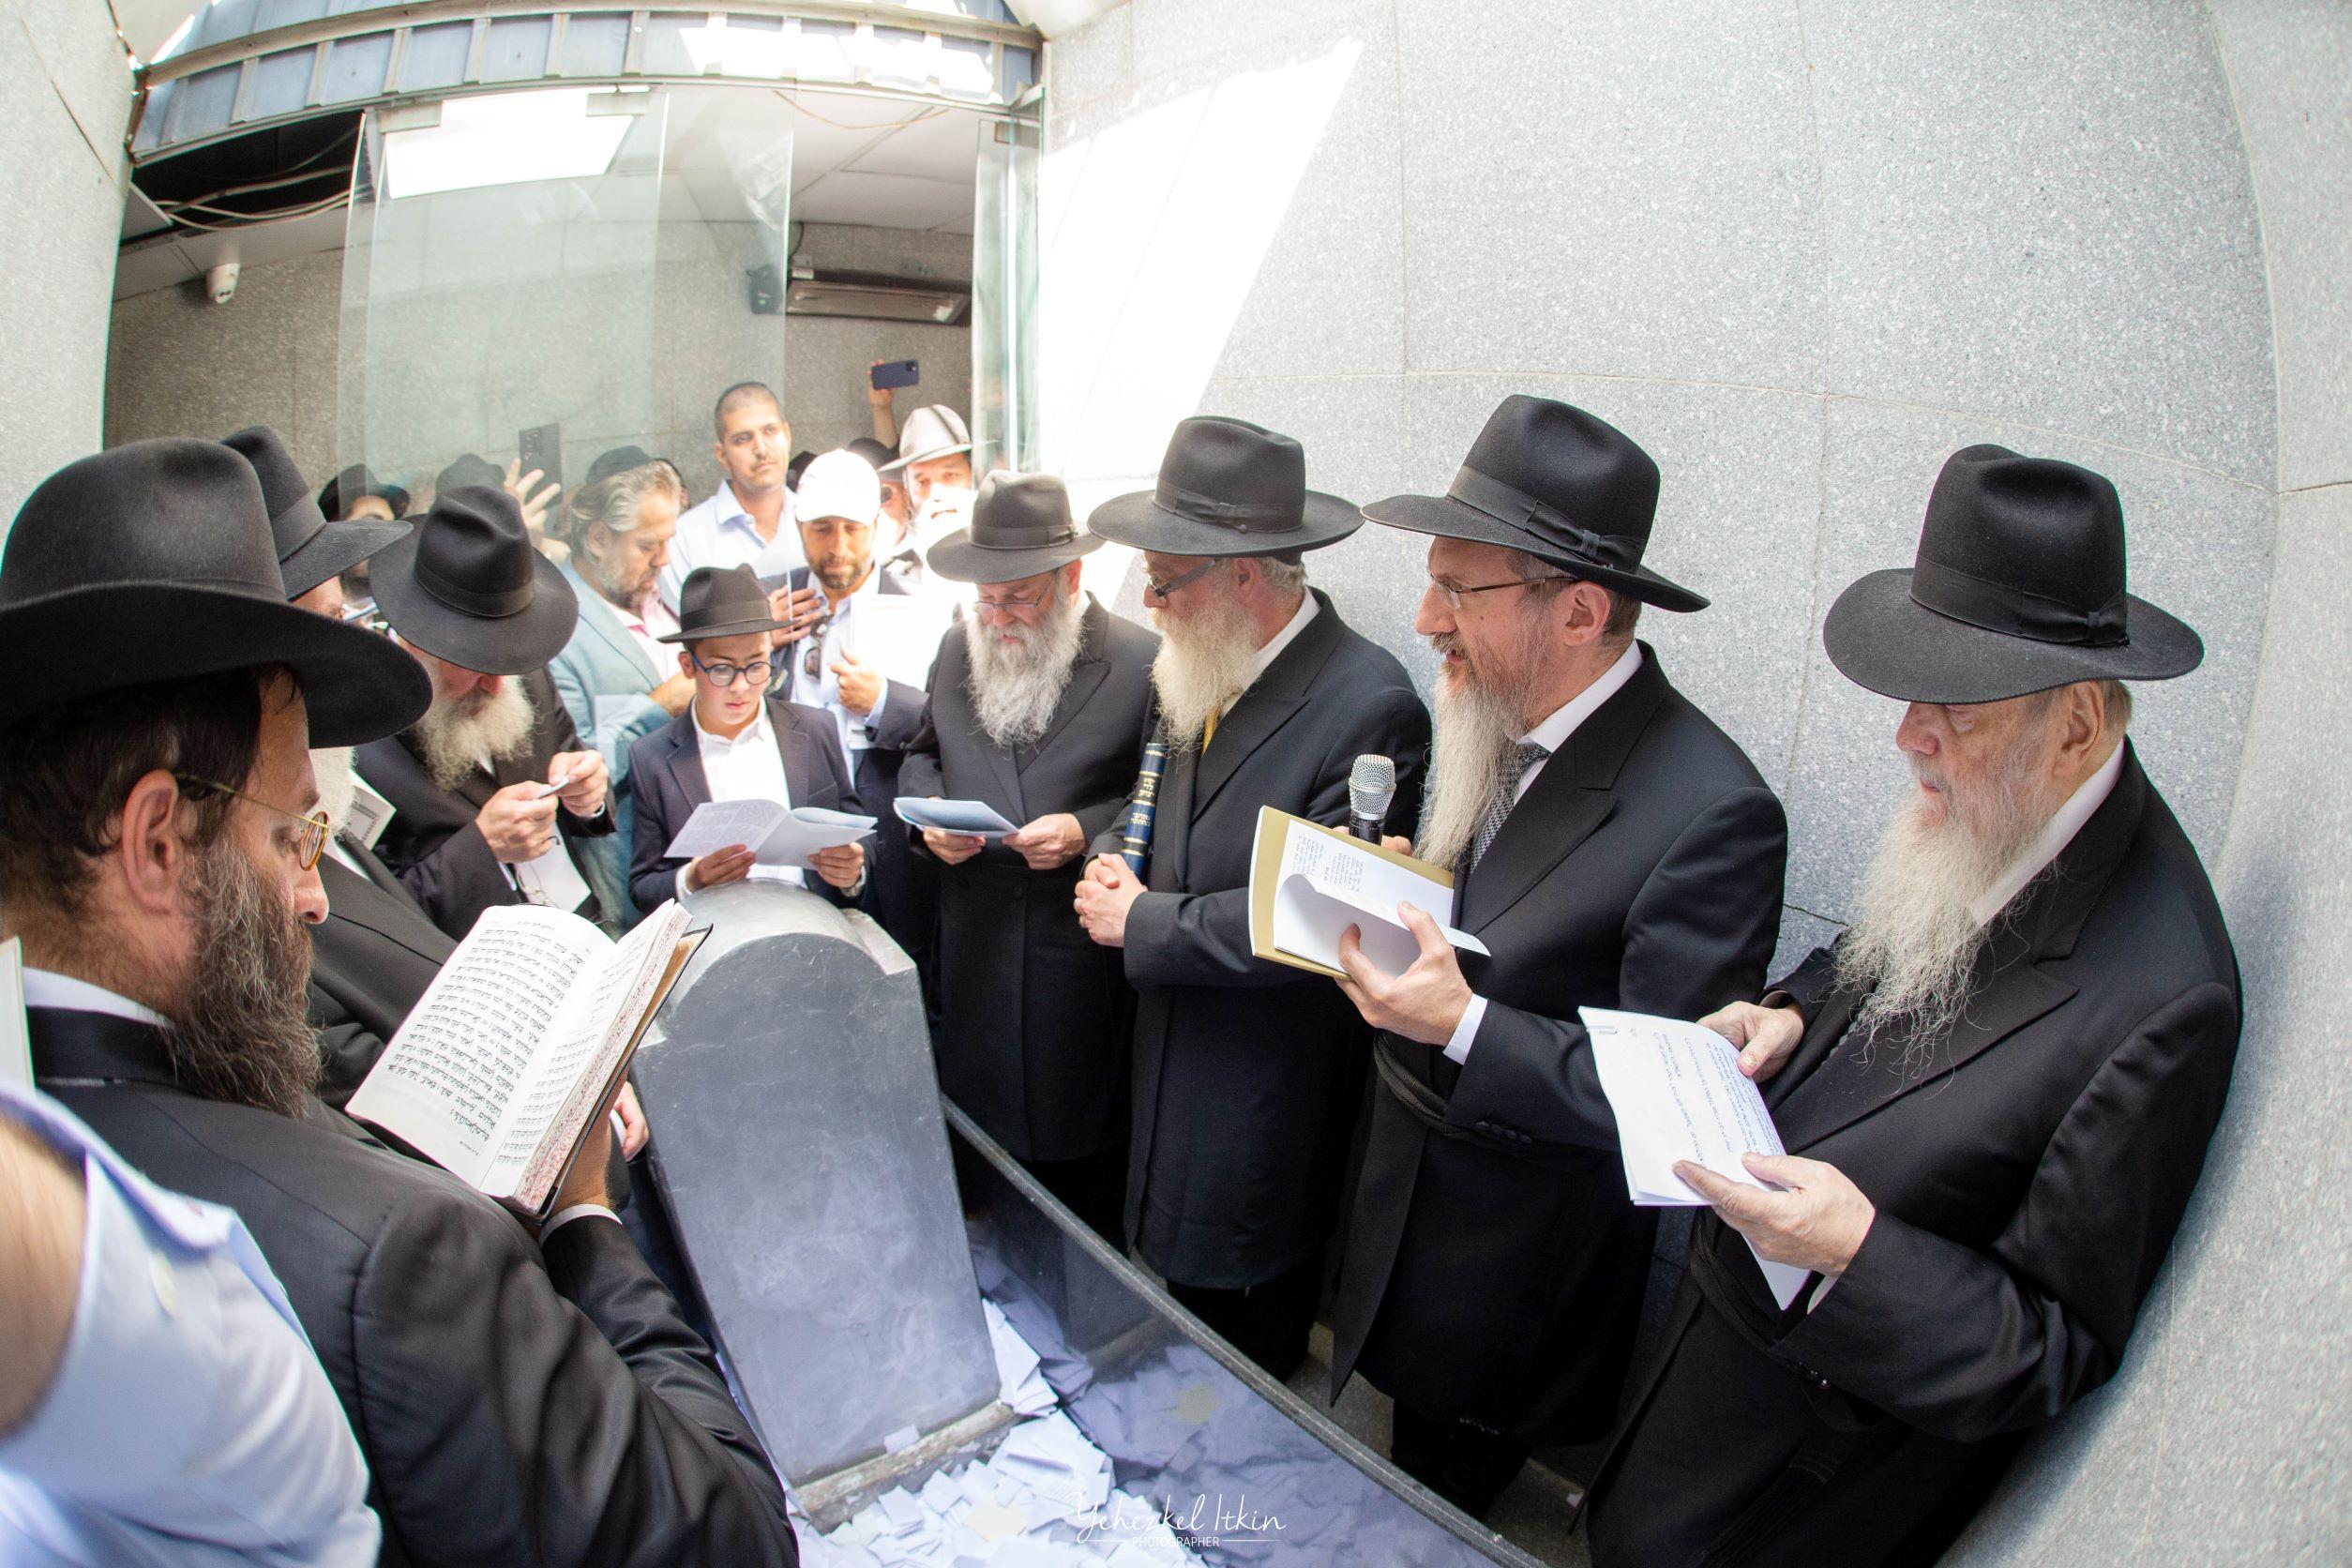 Берл Лазар оценил ситуацию с антисемитизмом в СНГ и Европе